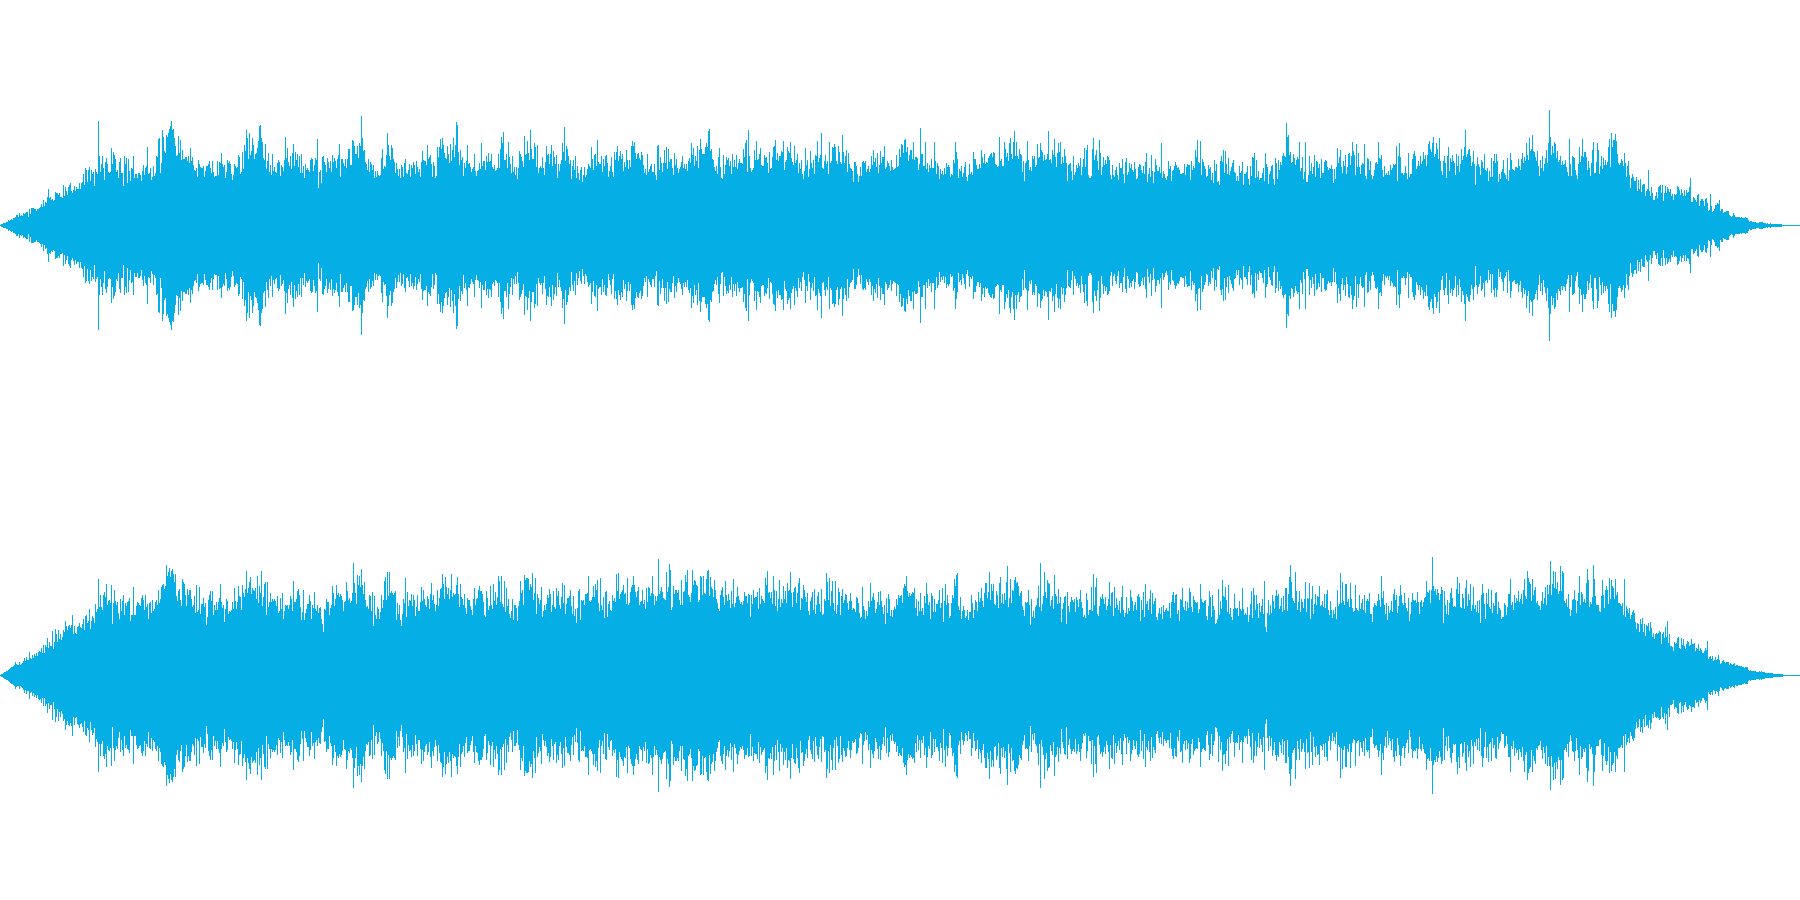 海 波 浜辺 海岸 カモメの環境音 14の再生済みの波形